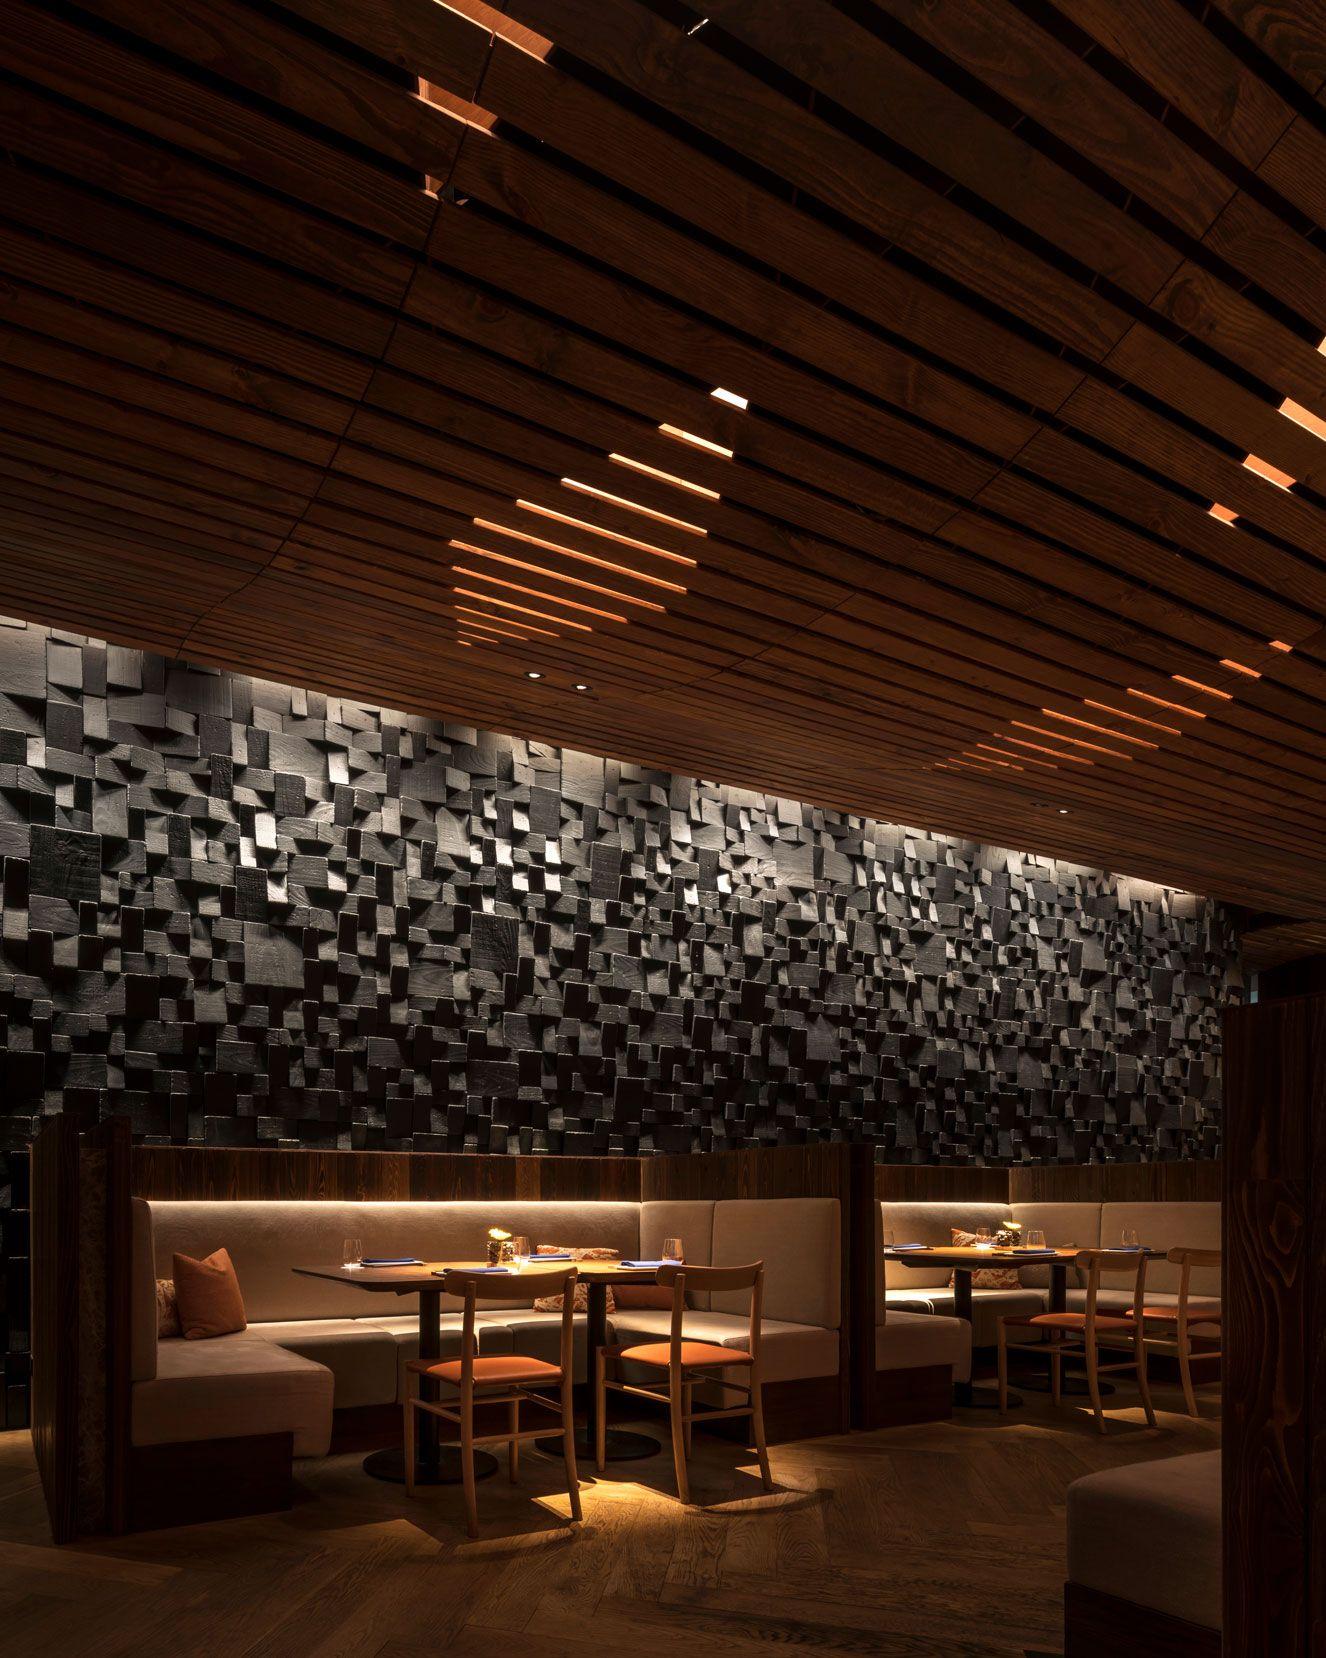 Morimoto Restaurant Interior Design by mpdStudio   Restaurant ...